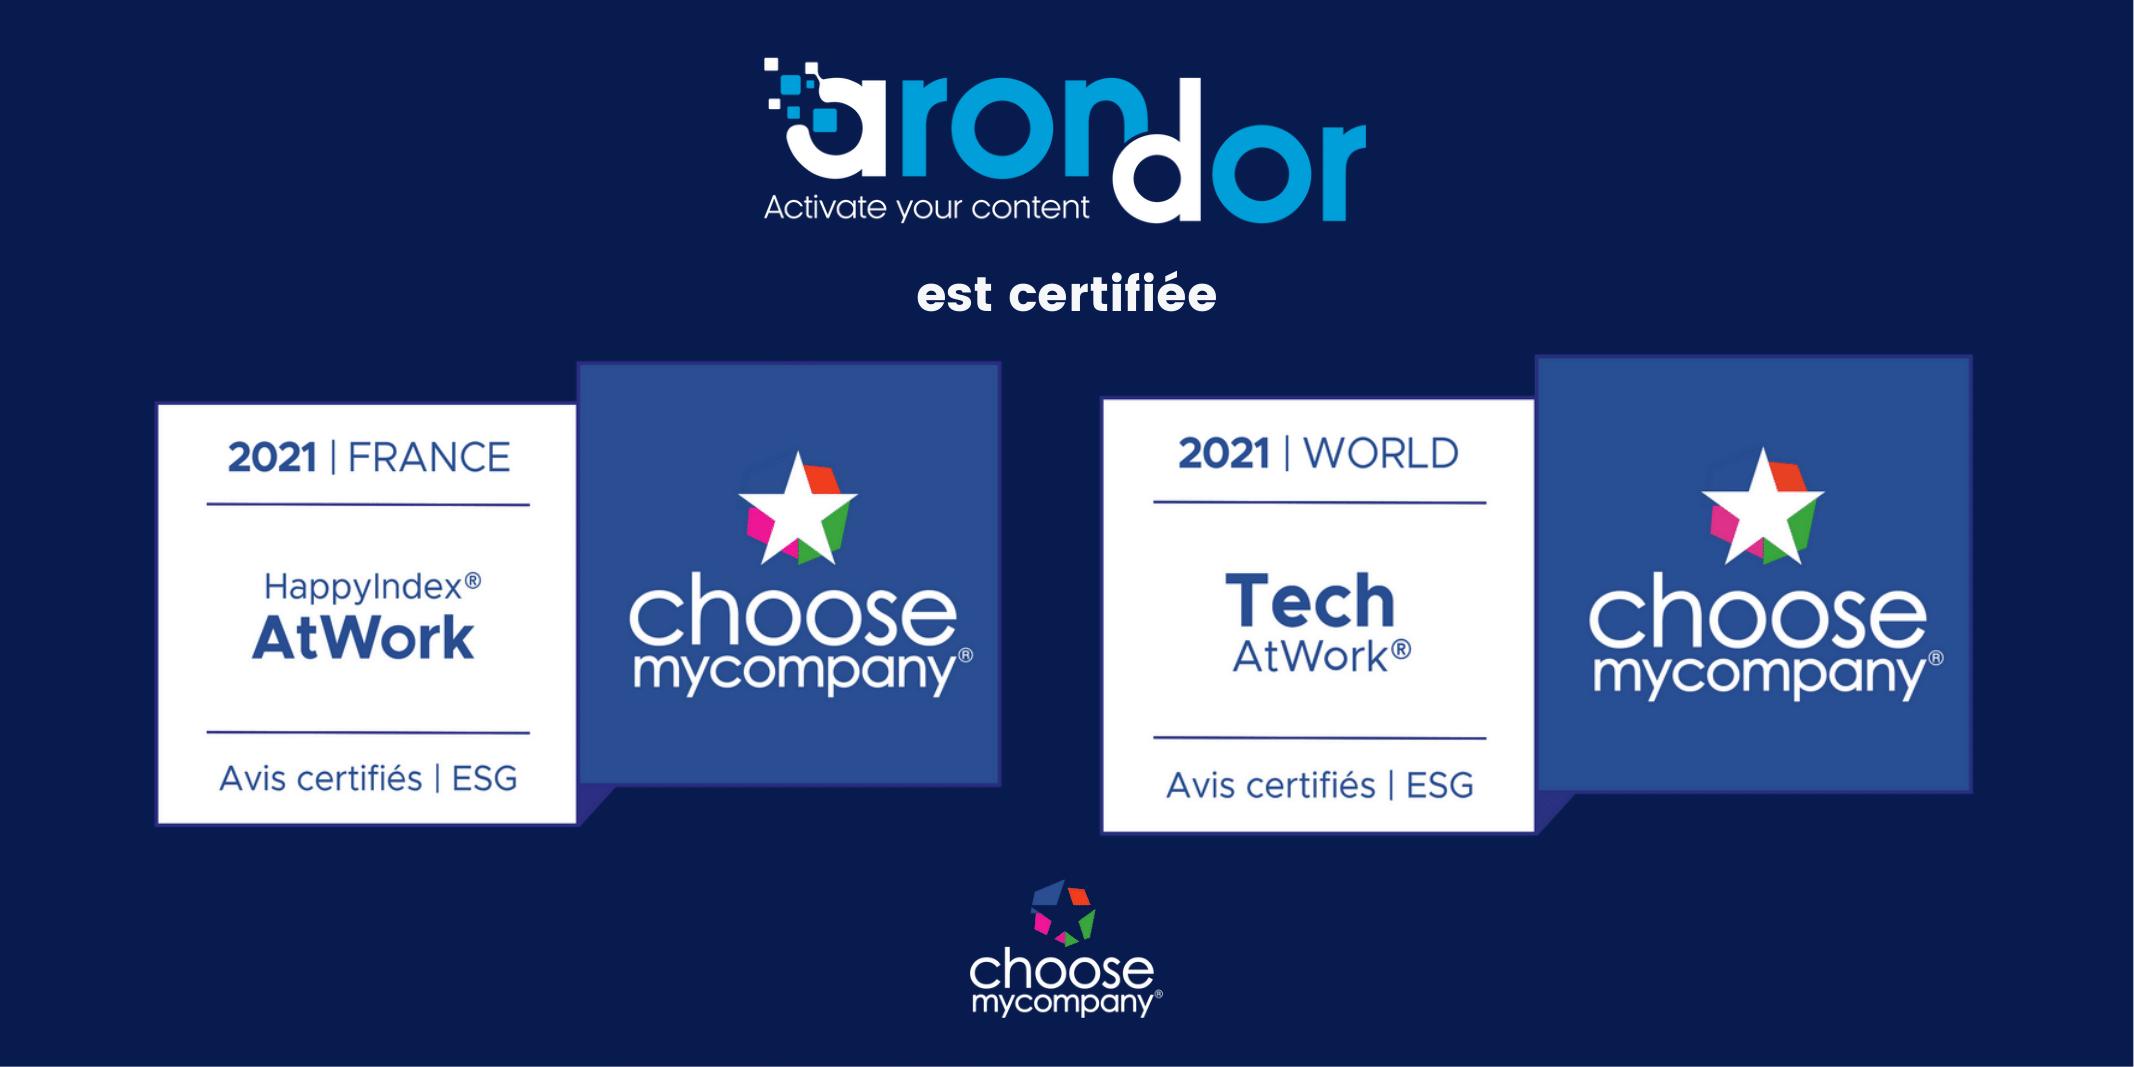 Une double certification pour Arondor !